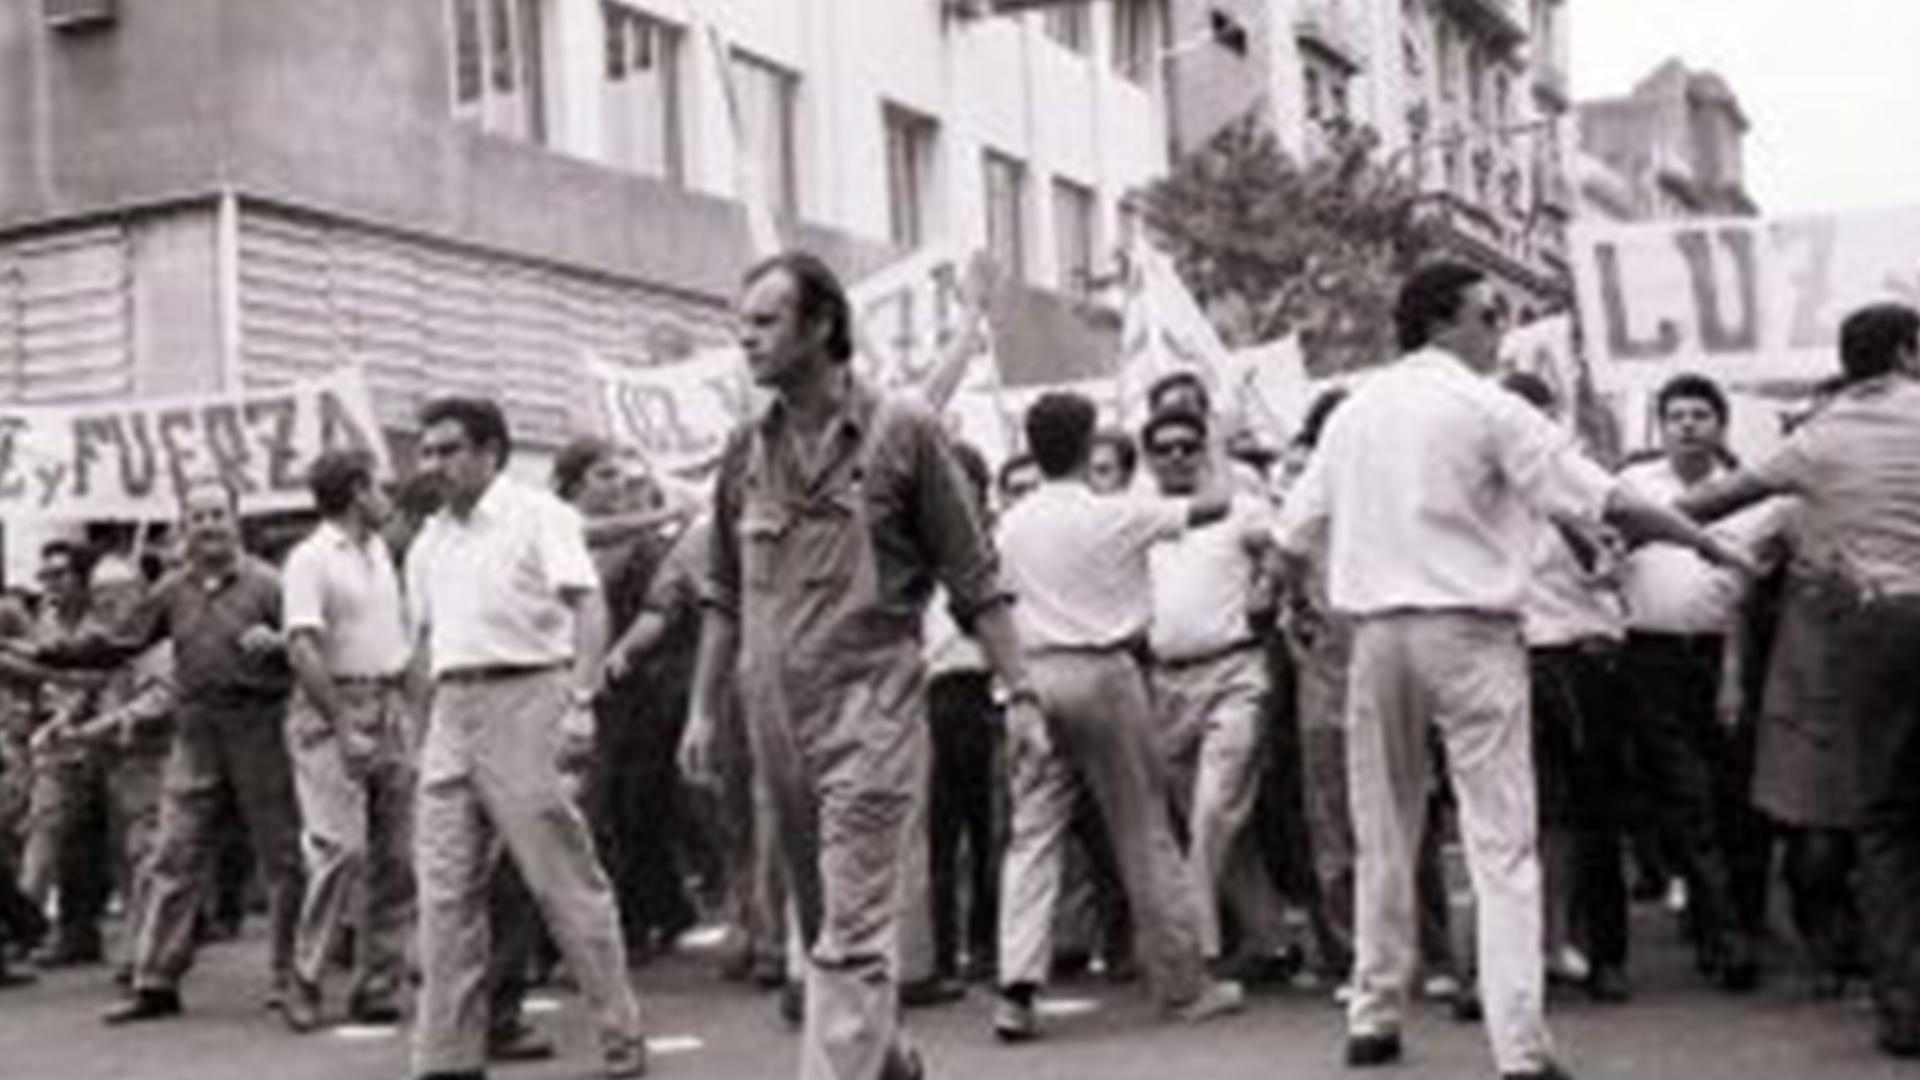 Las protestas del Rosariazo y el Cordobazo marcarían a fuego los años por venir